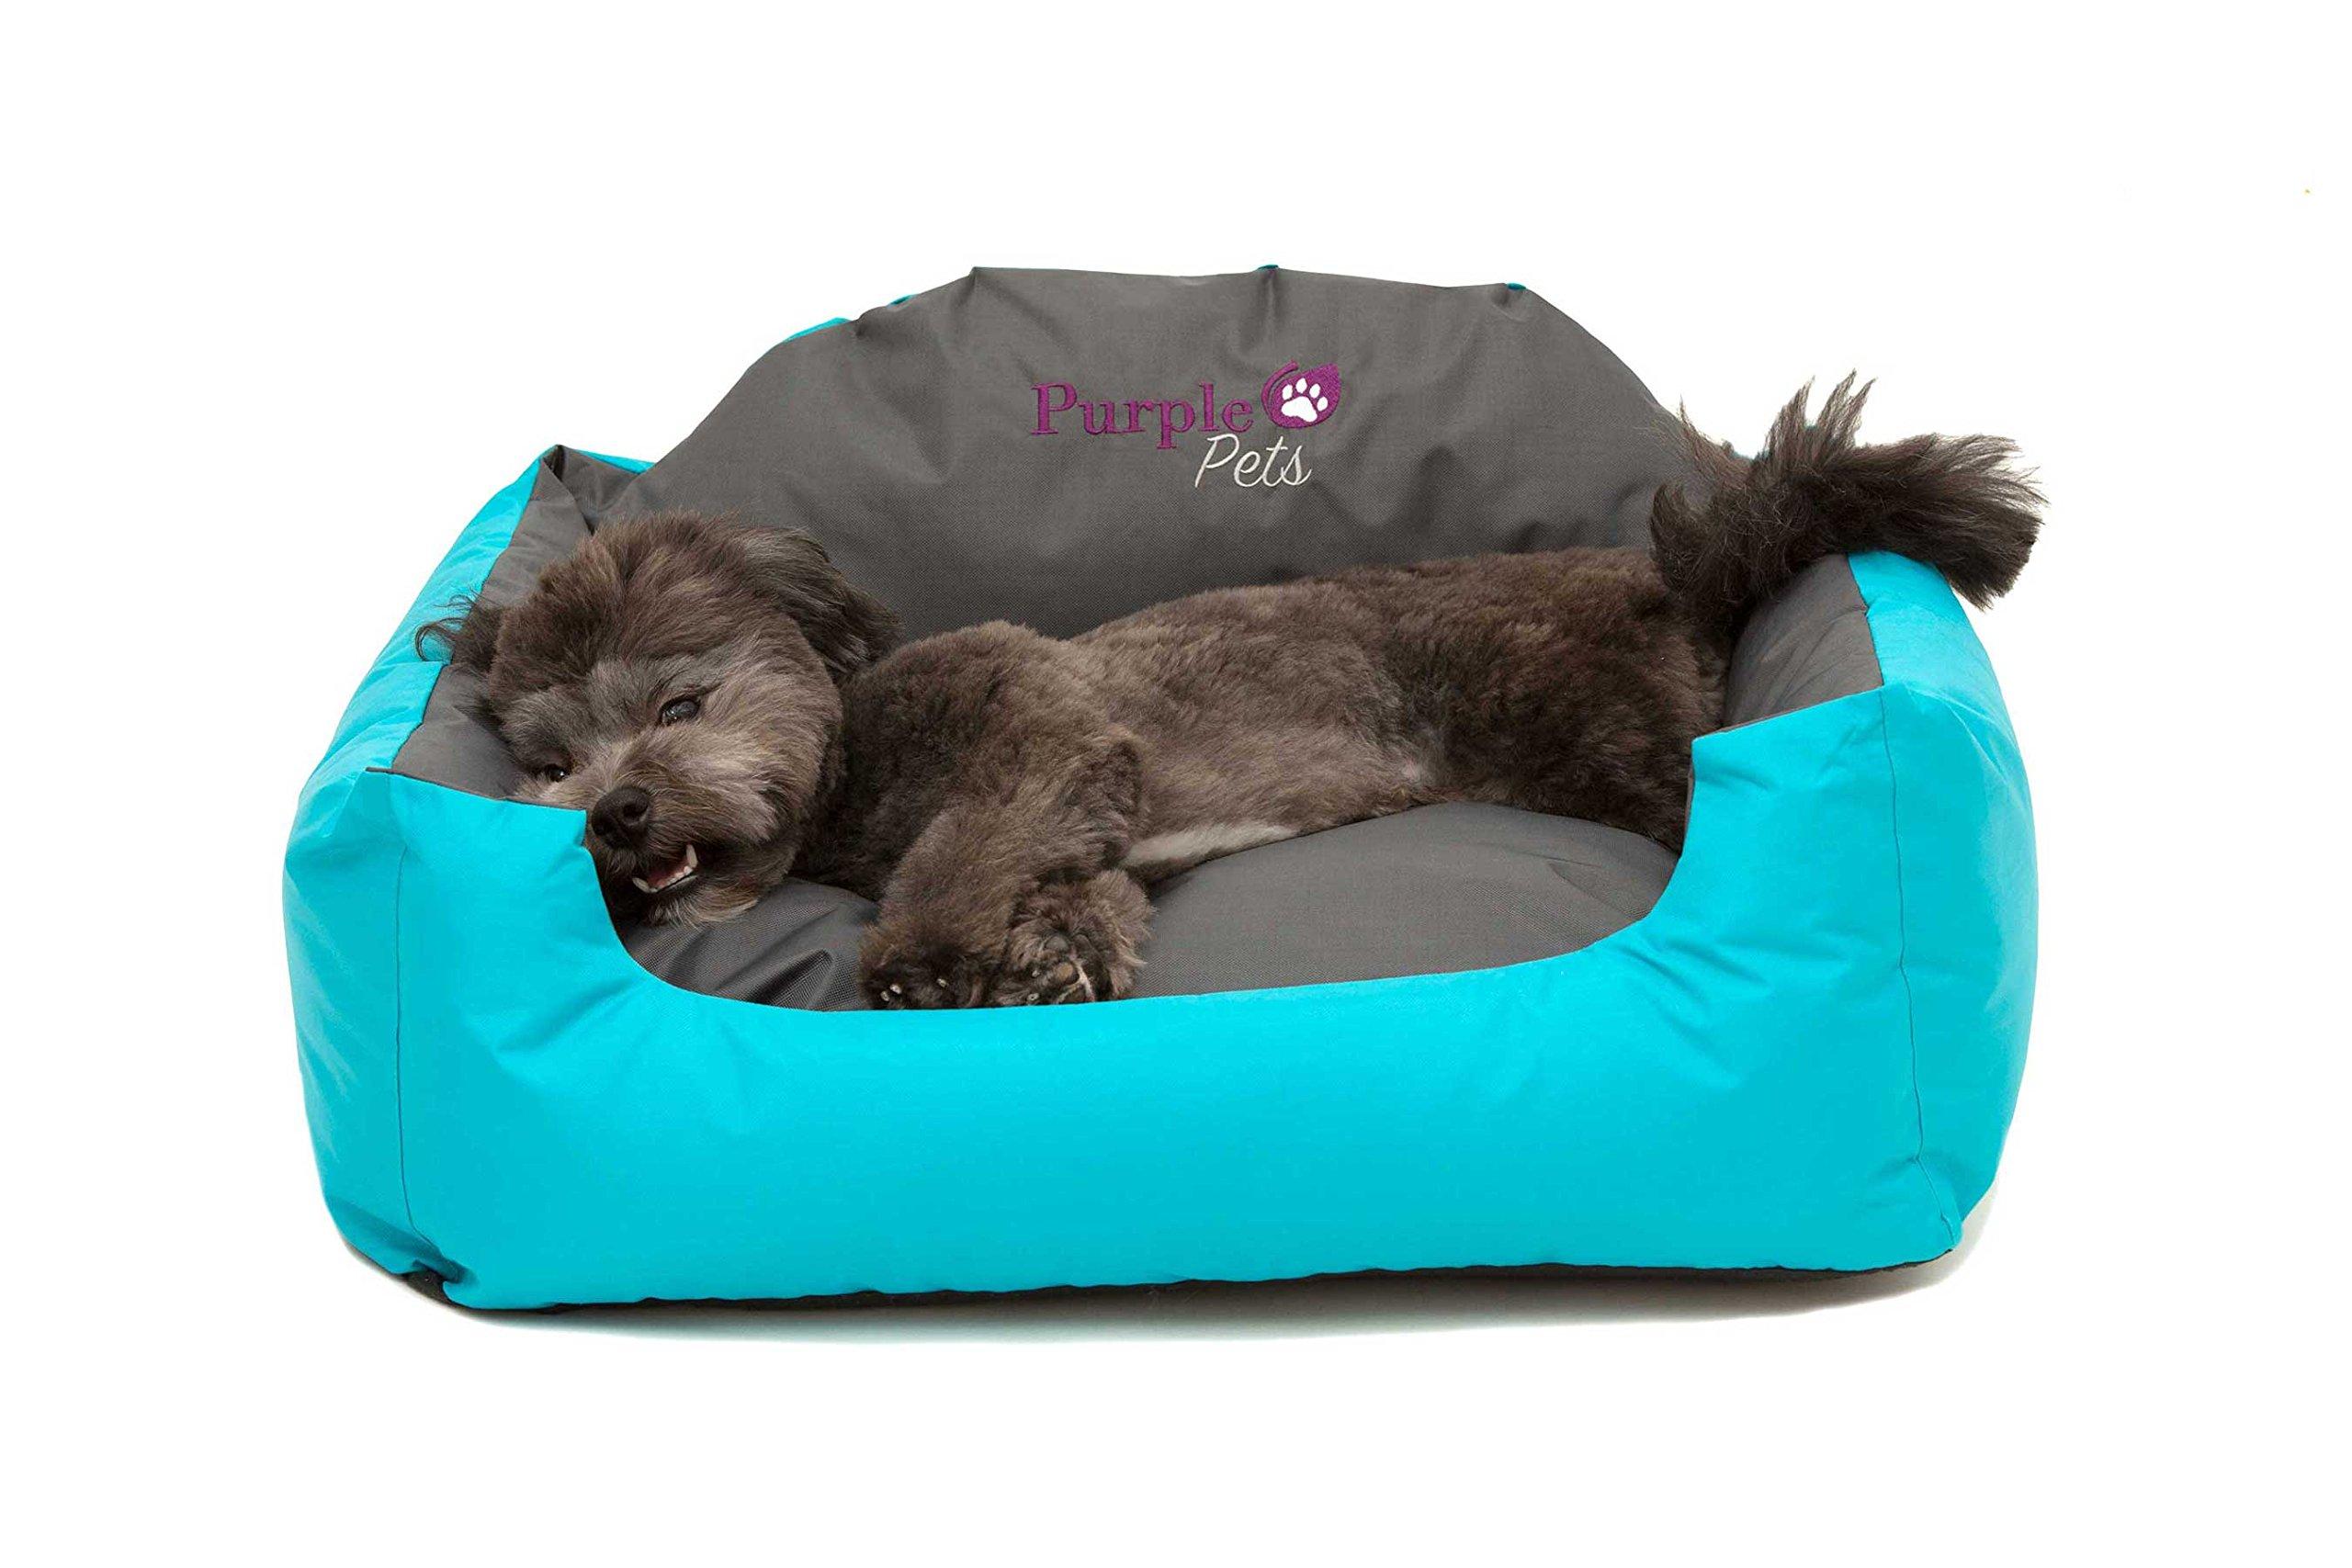 Cama para Perro, Cama para Gato, Cama de Mascota, Suave Sofá Cesta, resistente al agua, Fácil limpieza! Purple-Pets (Pequeño, Azul): Amazon.es: Hogar